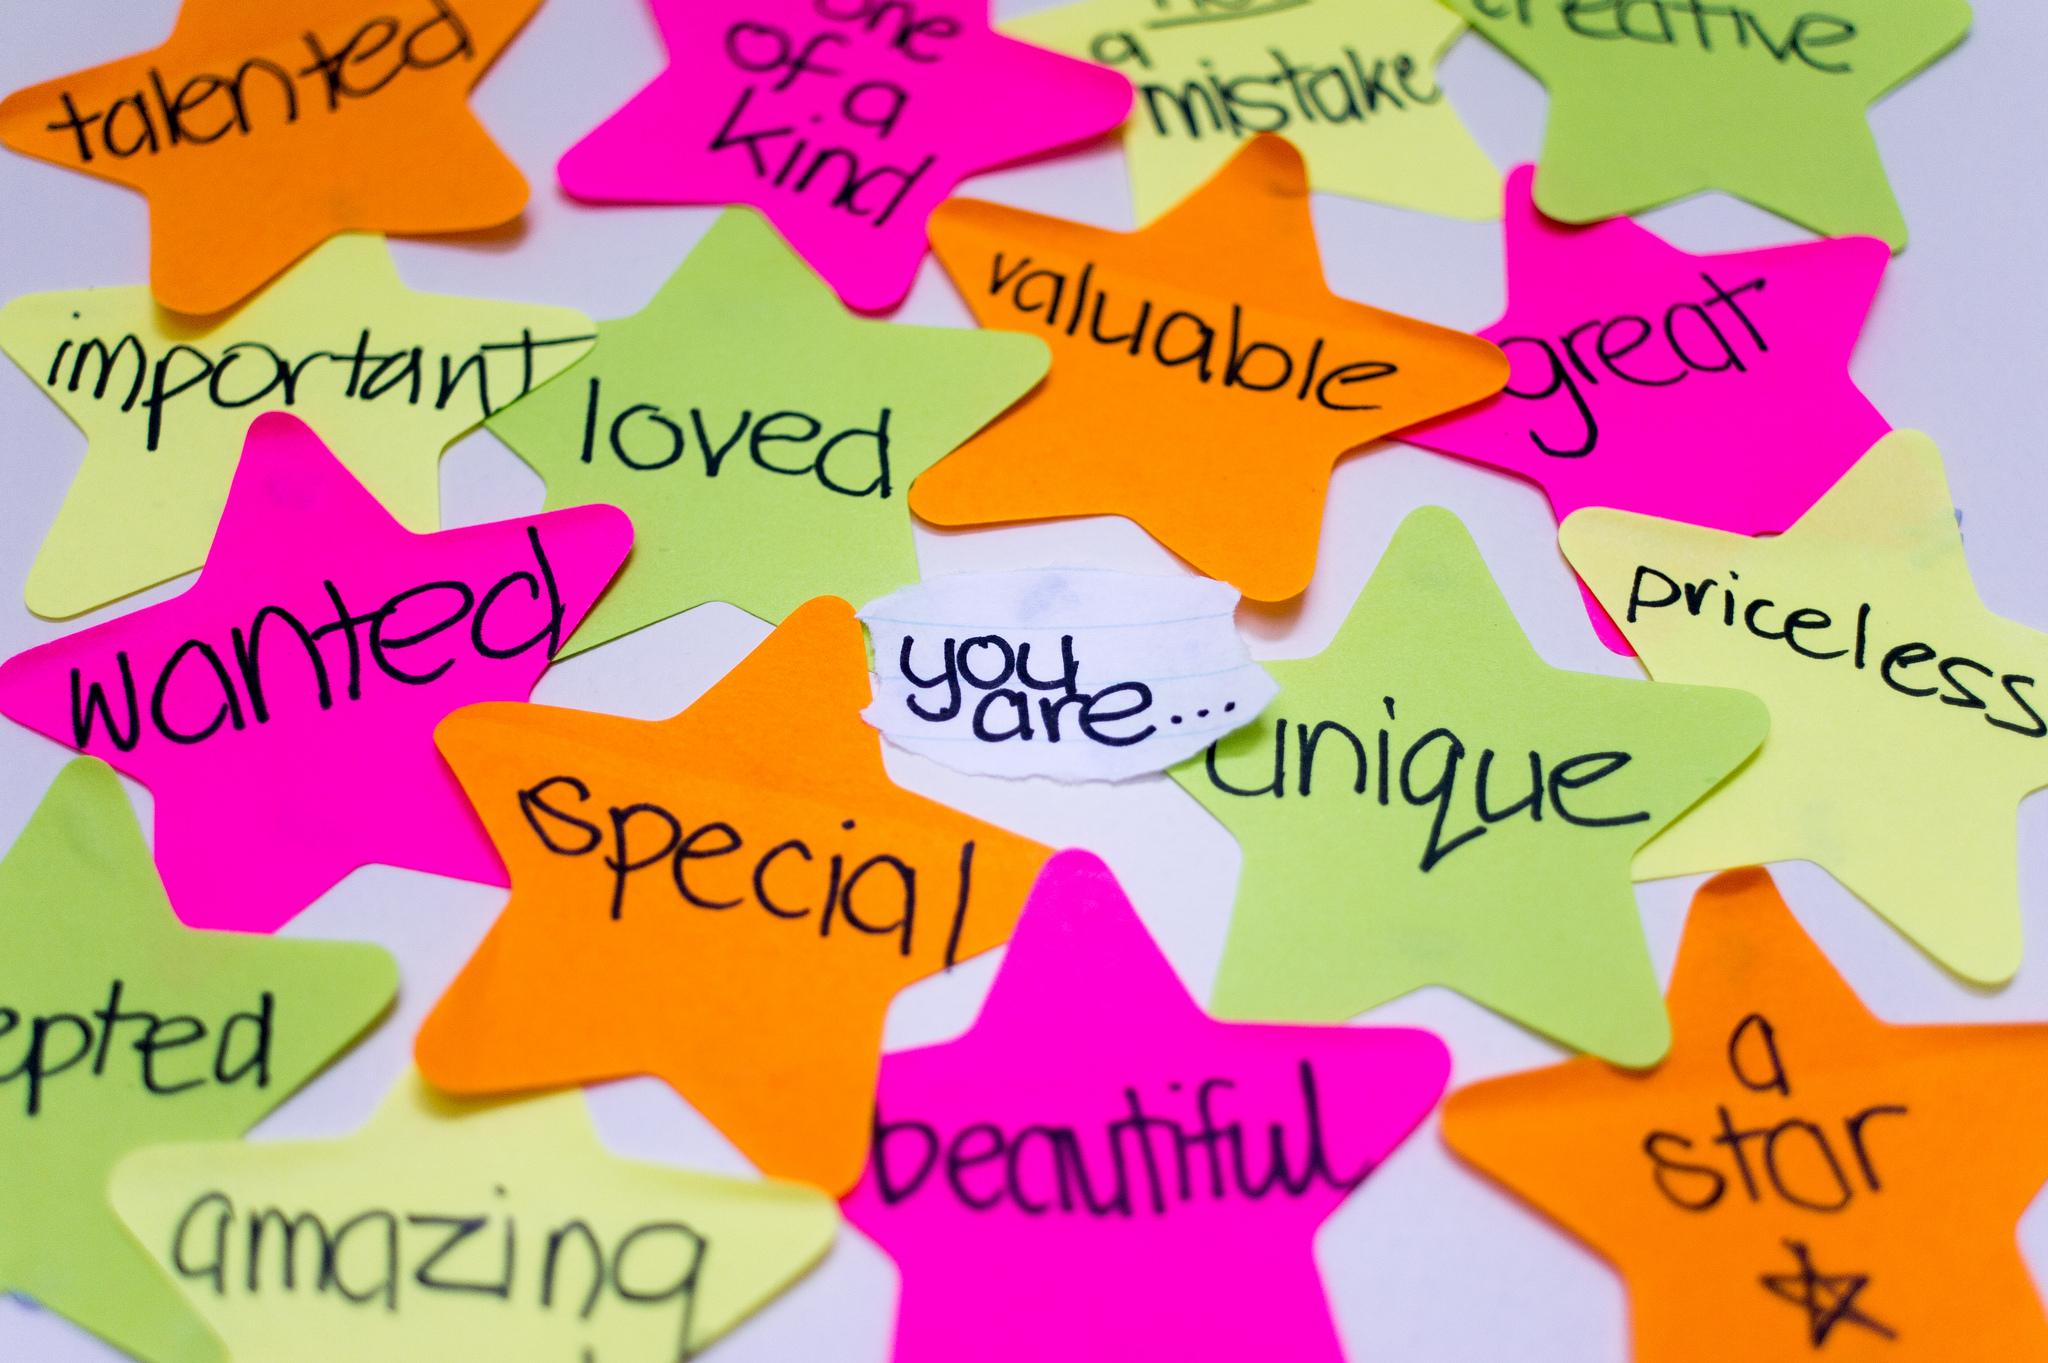 Self-esteem post-it wall. Credit: Kiran Foster. http://goo.gl/piLC5n